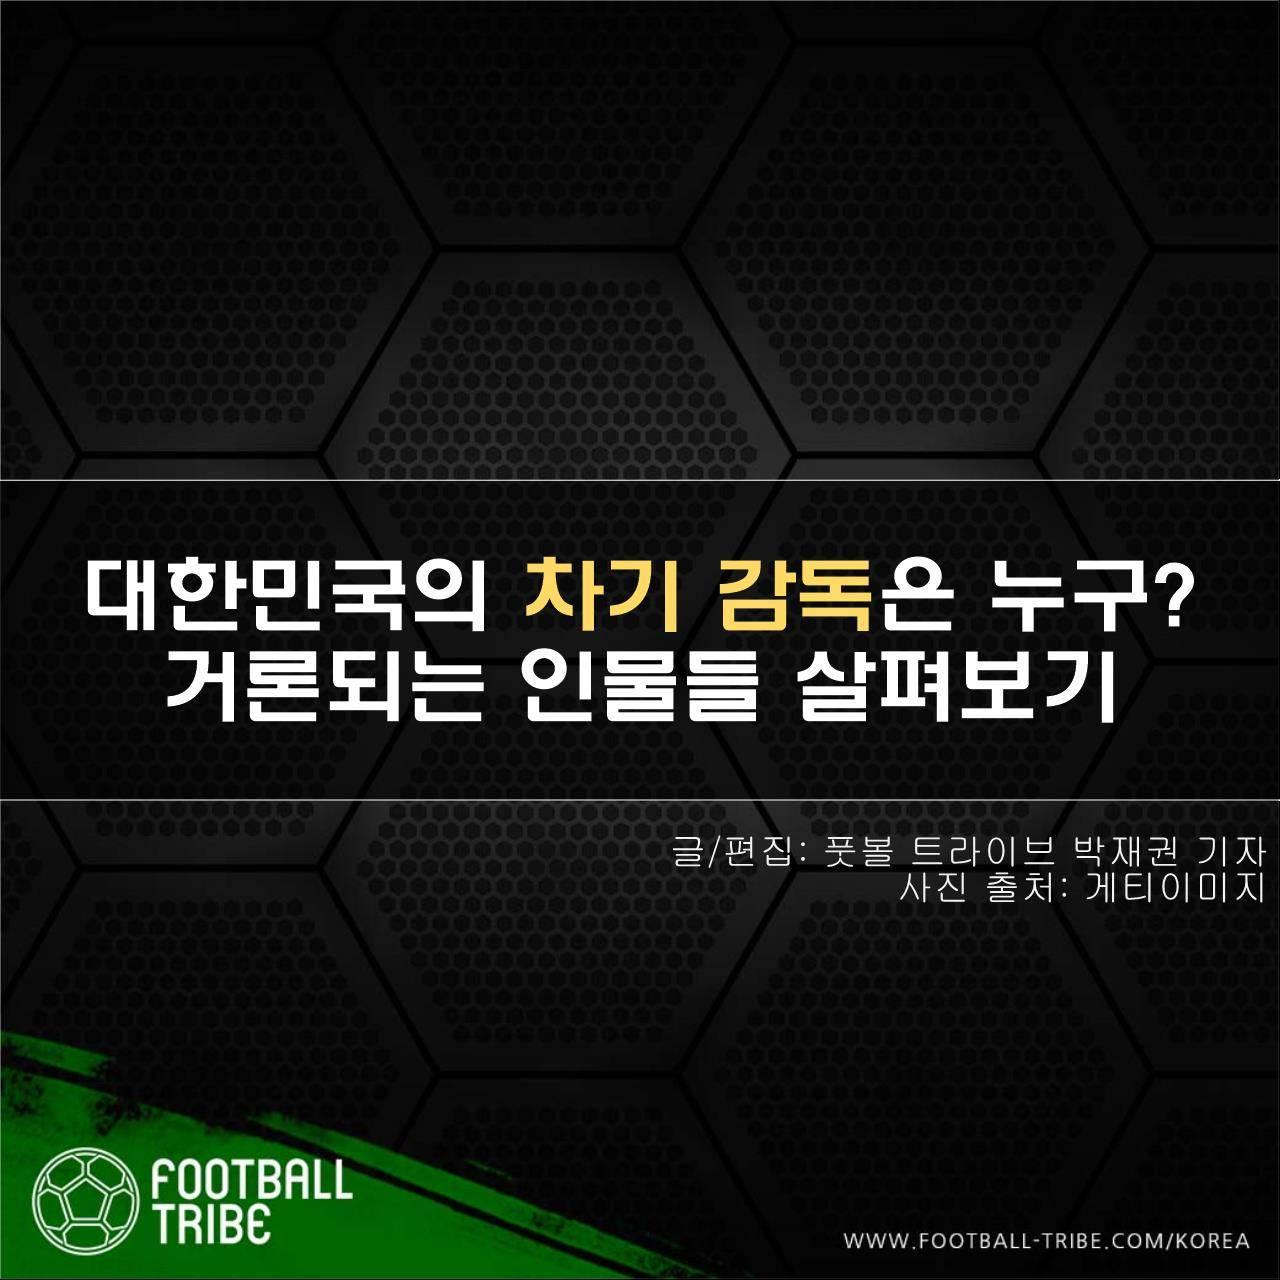 [카드 뉴스] 대한민국의 차기 감독은 누구?